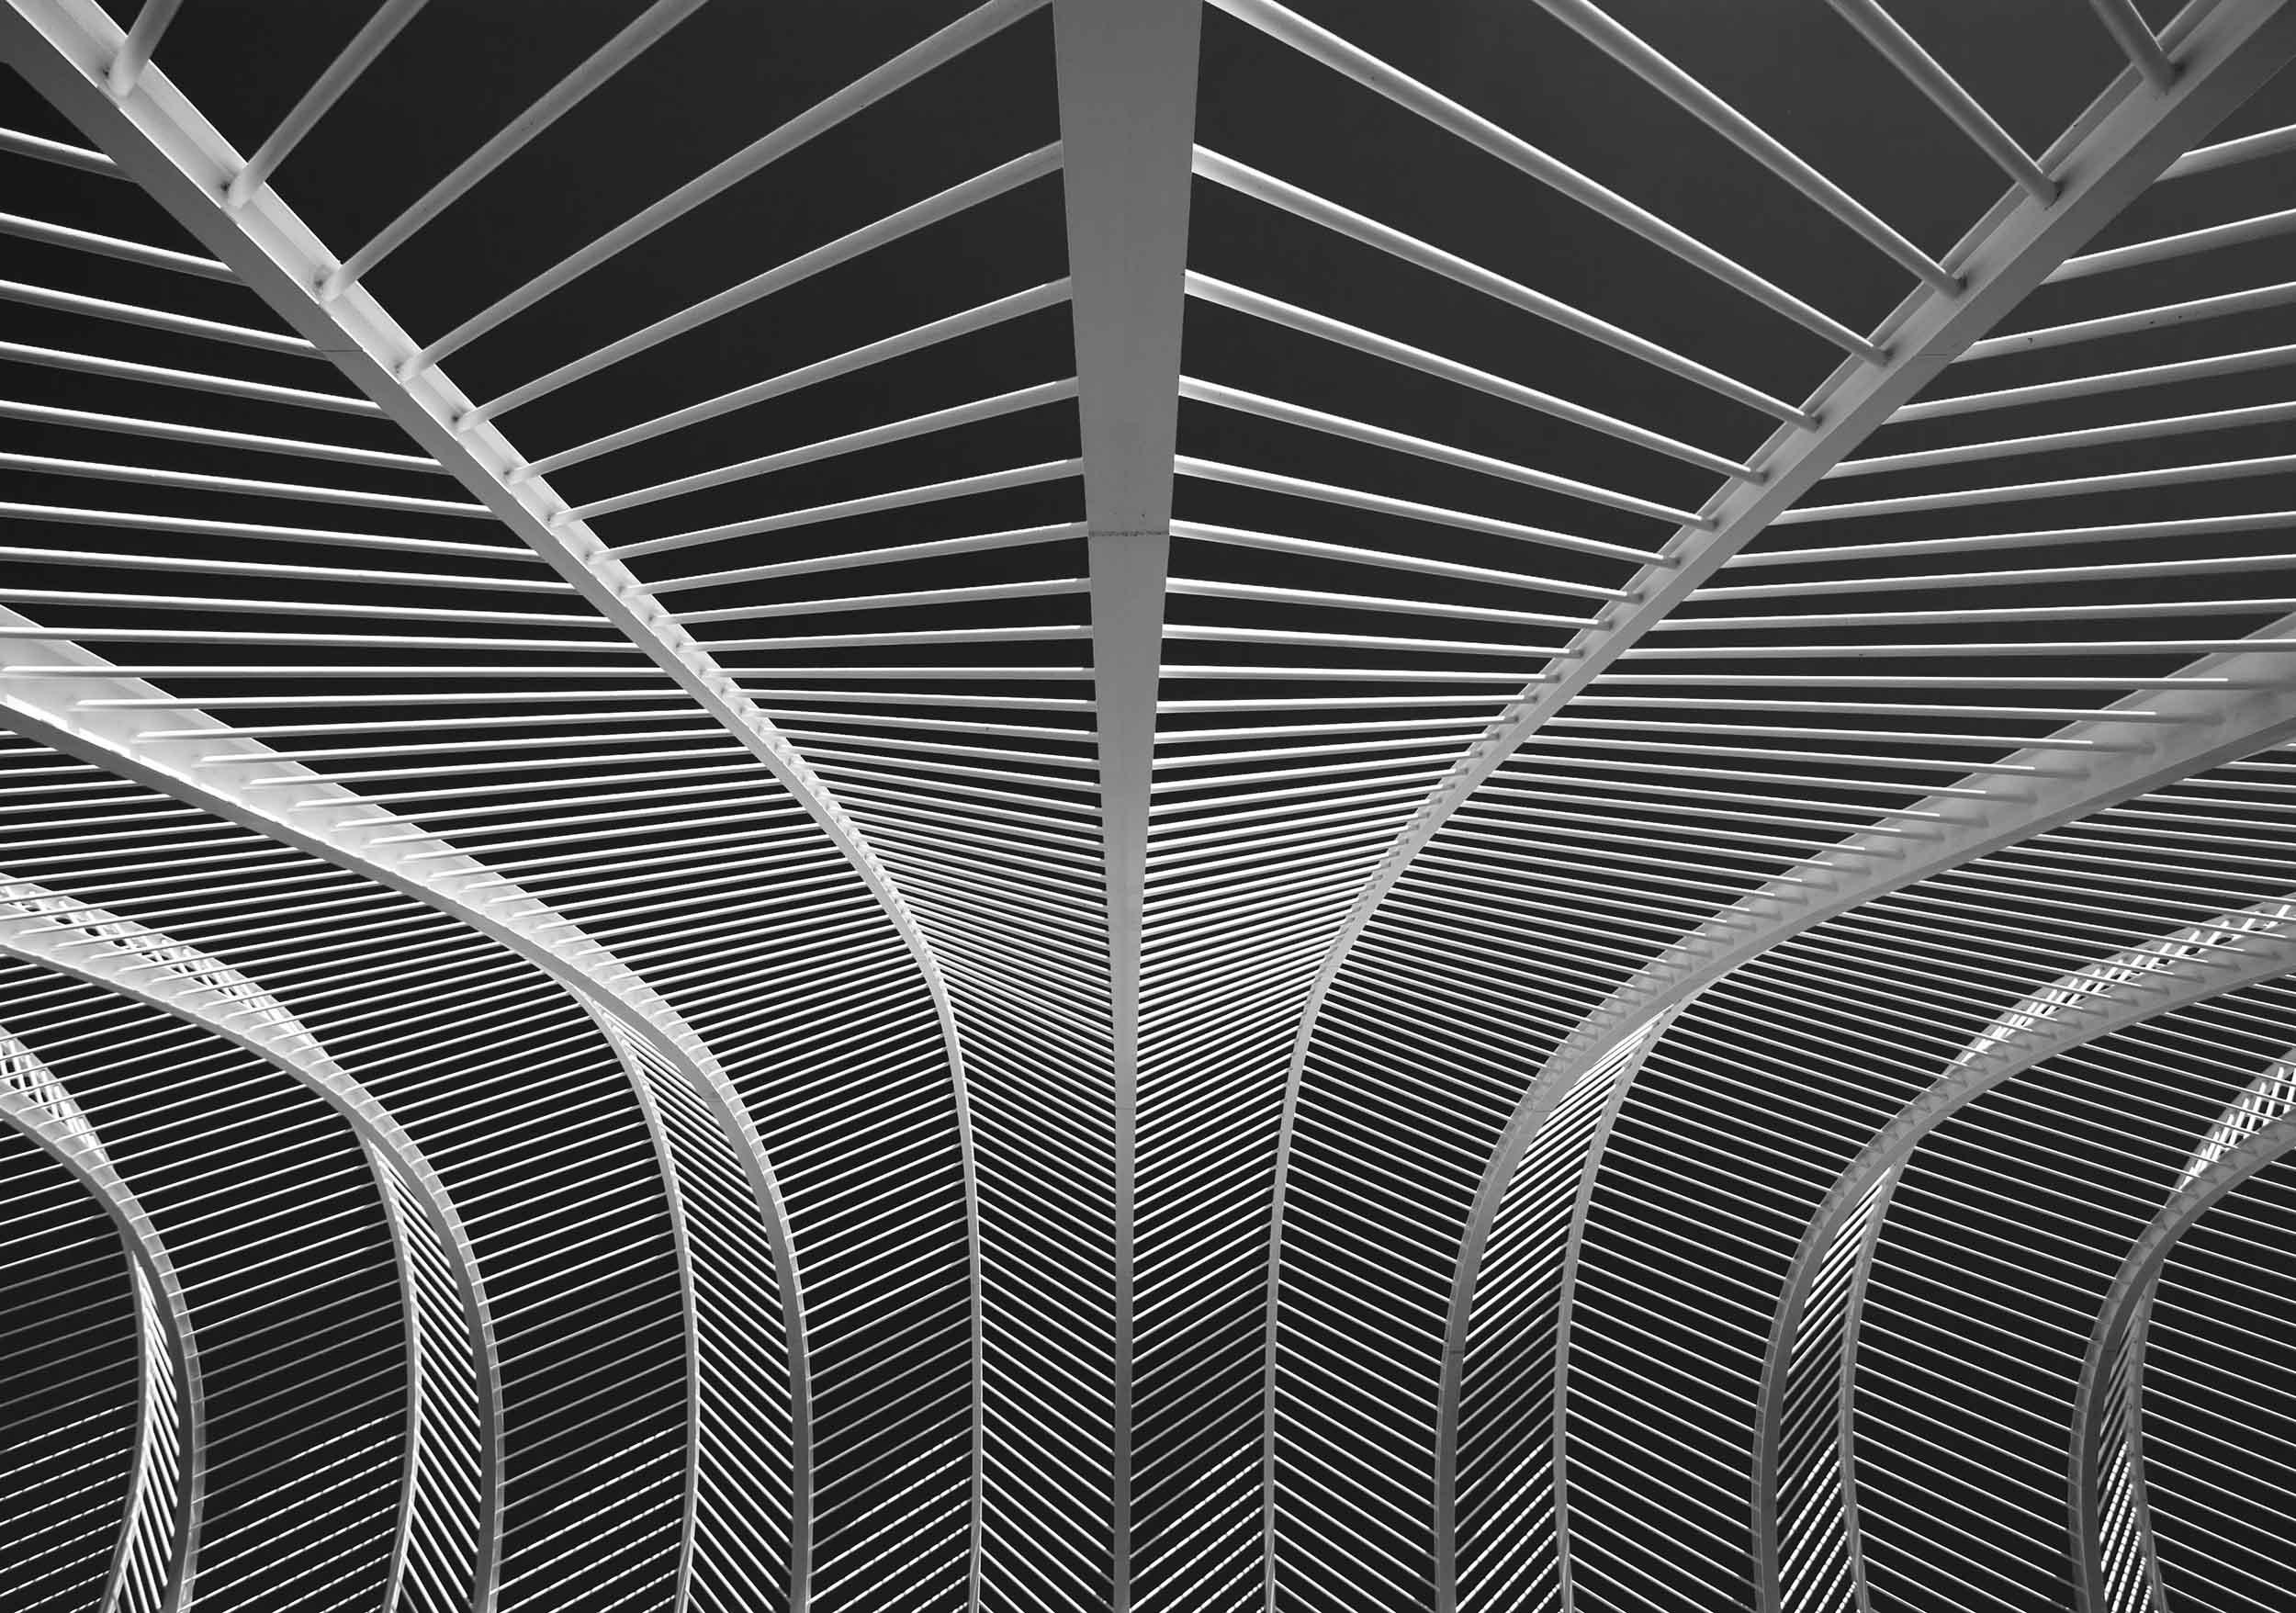 Calatrava_Stangenboegen_JPG-vom_PS-2500px-Screenshot_Bildschirmfoto 2017-06-15 um 20.46.51JPGQU2_595KB.jpg